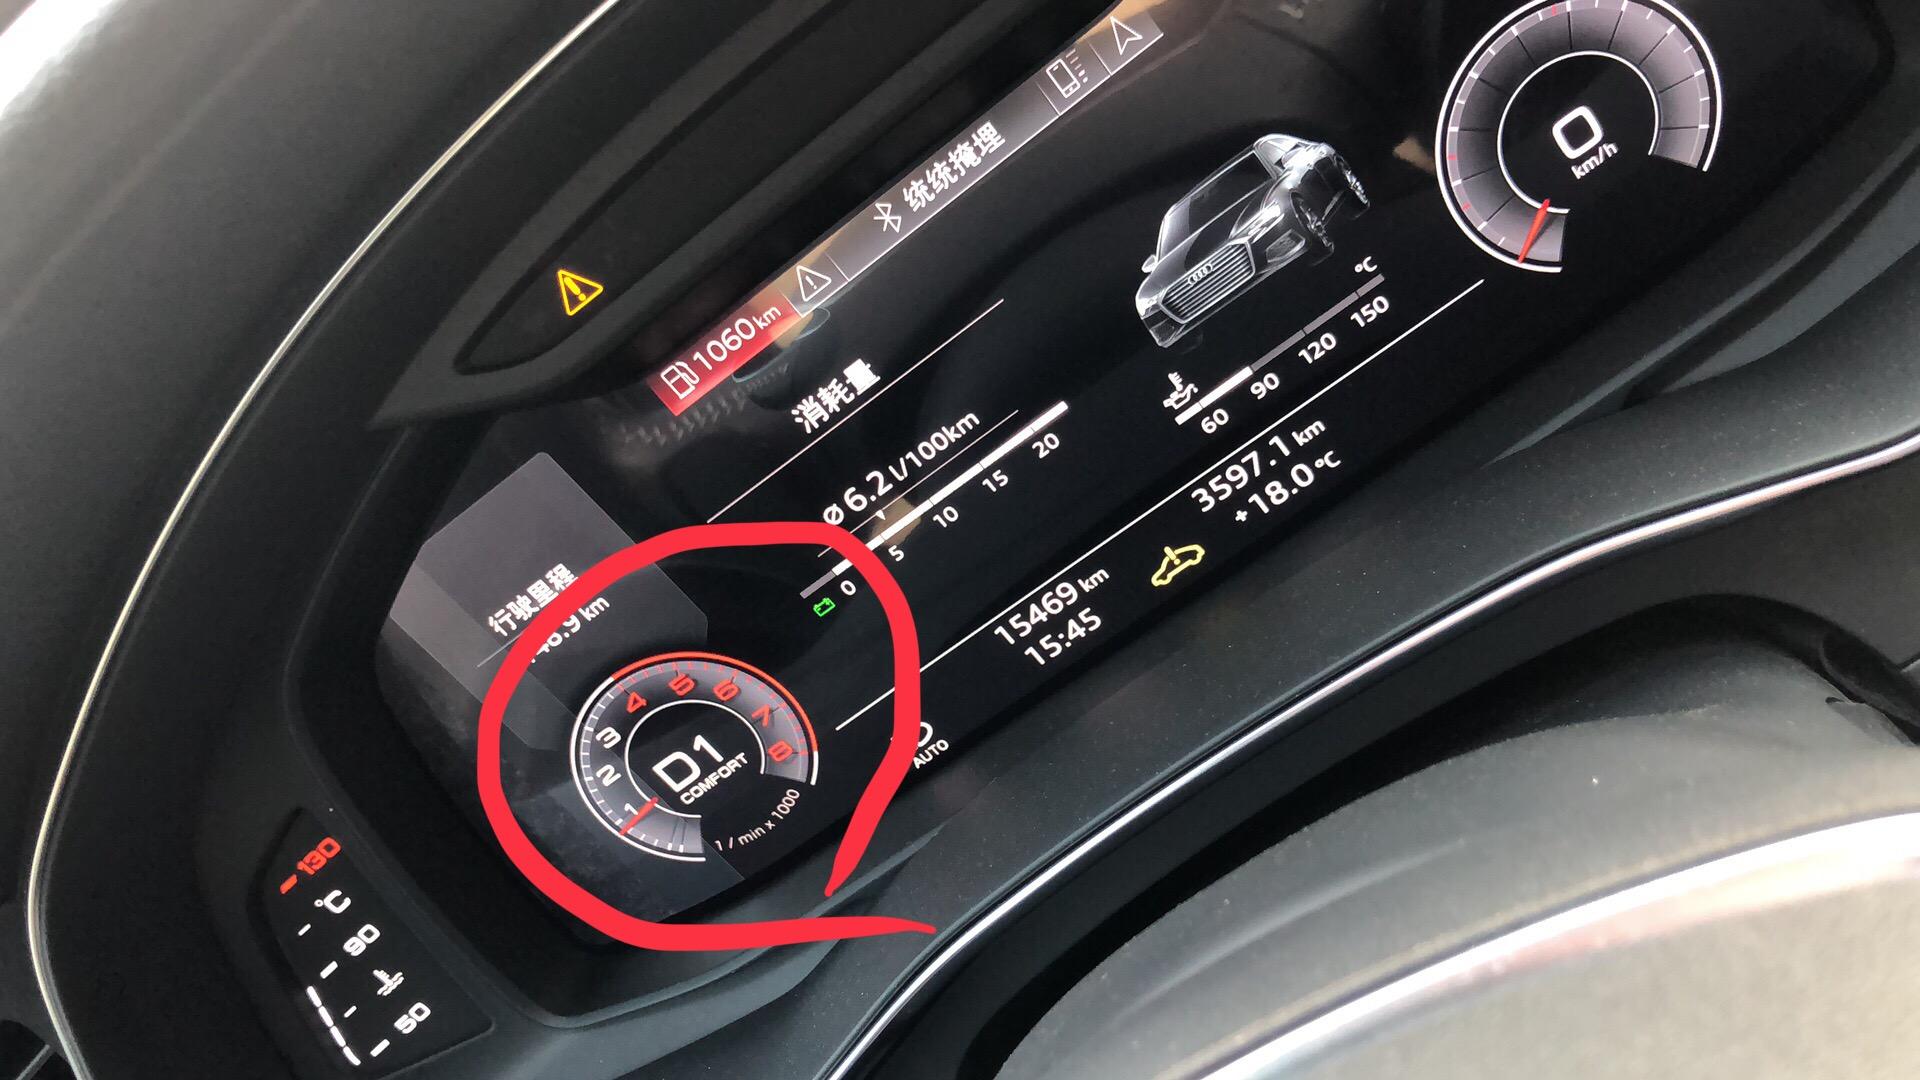 奥迪-A6L自动加速,轻踩刹车刹不住,车机互联不能使用